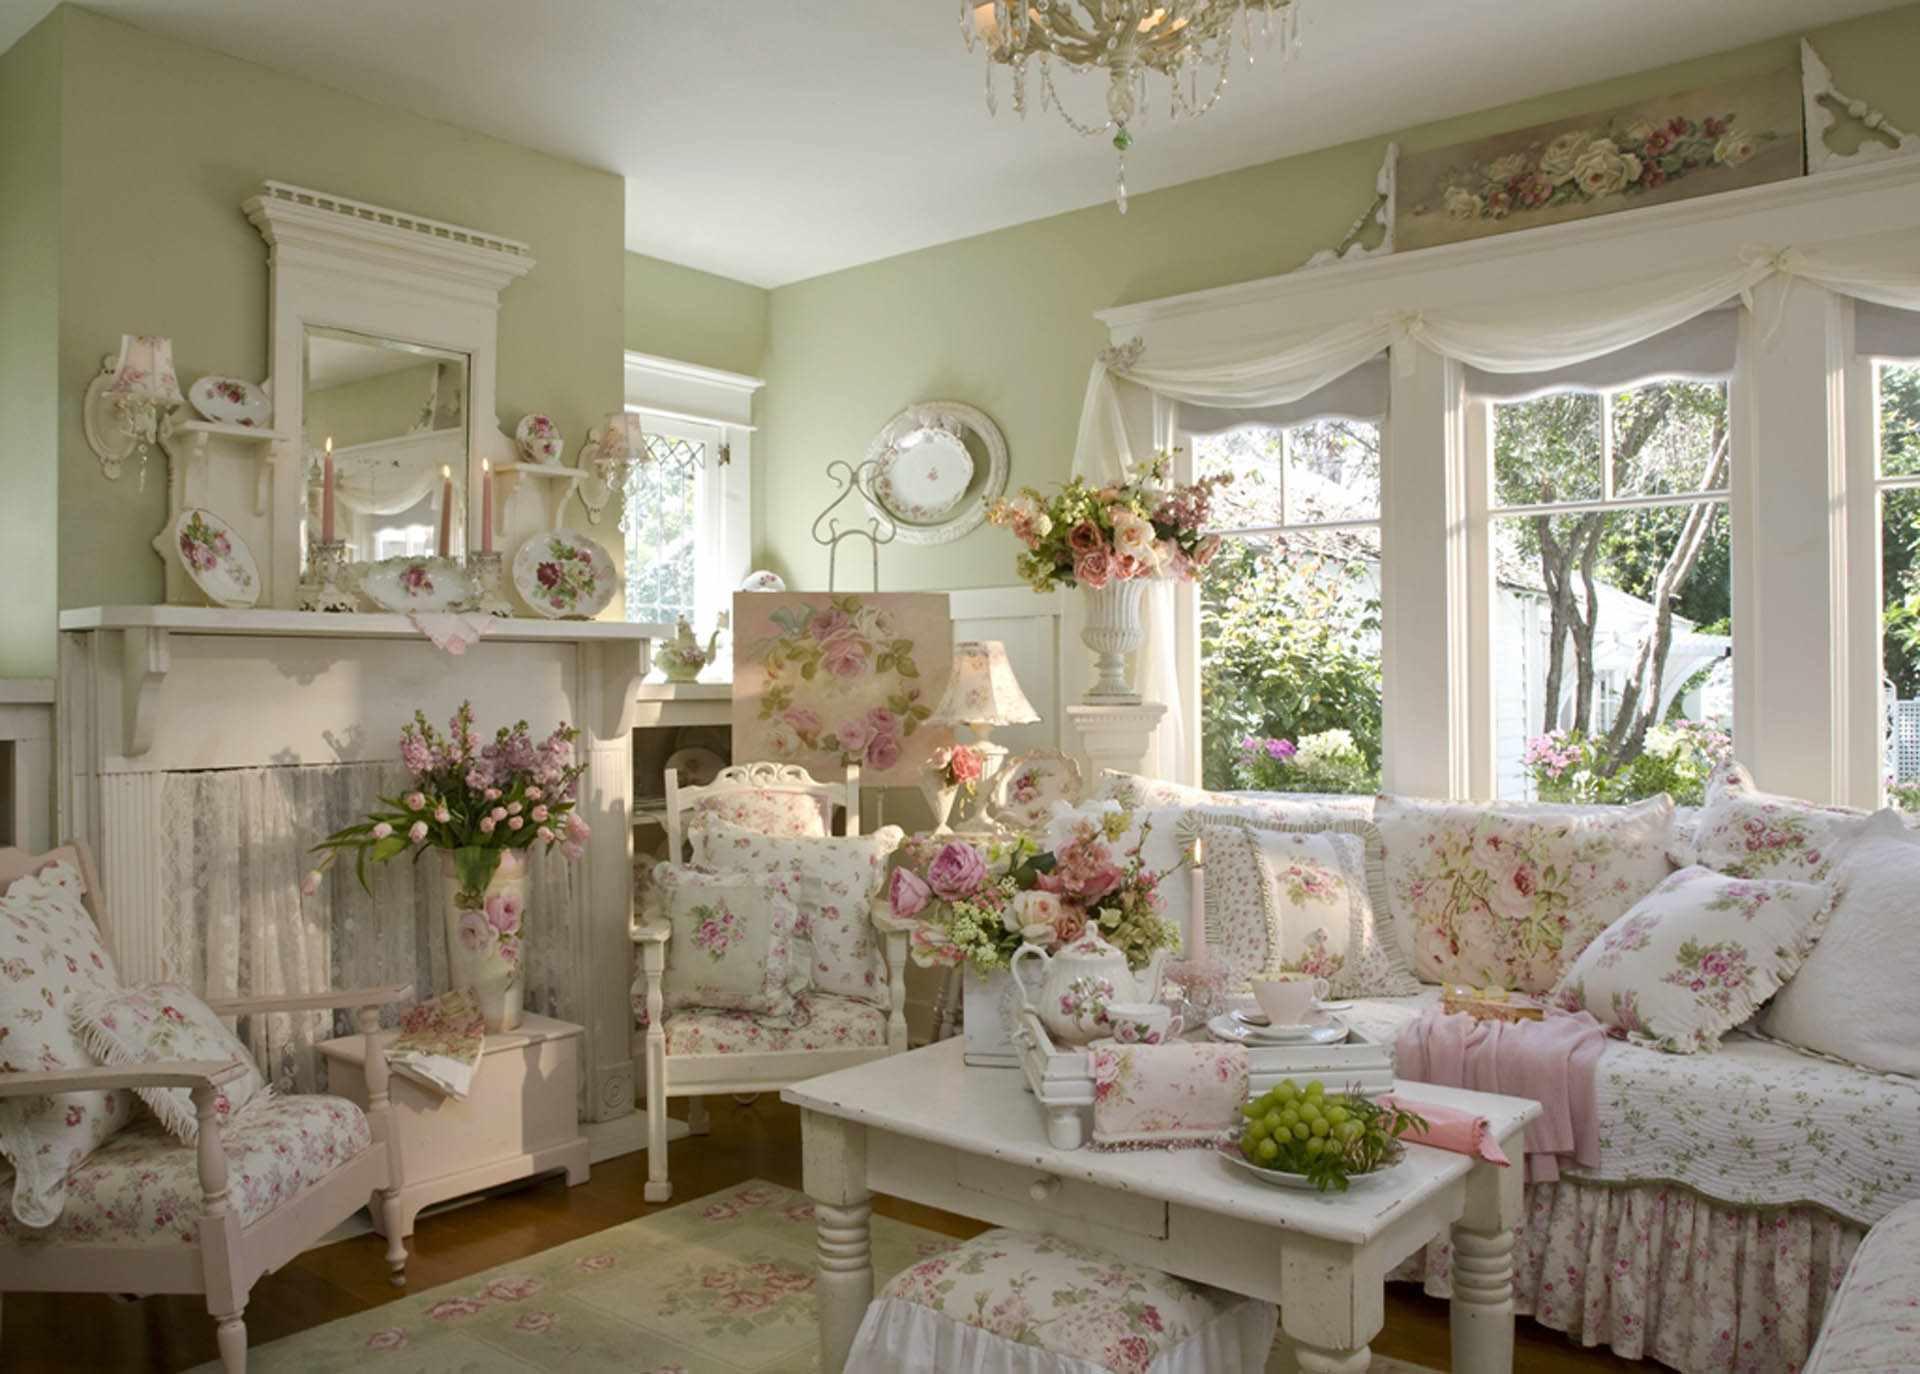 Một ví dụ về nội thất tươi sáng Provence trong phòng khách